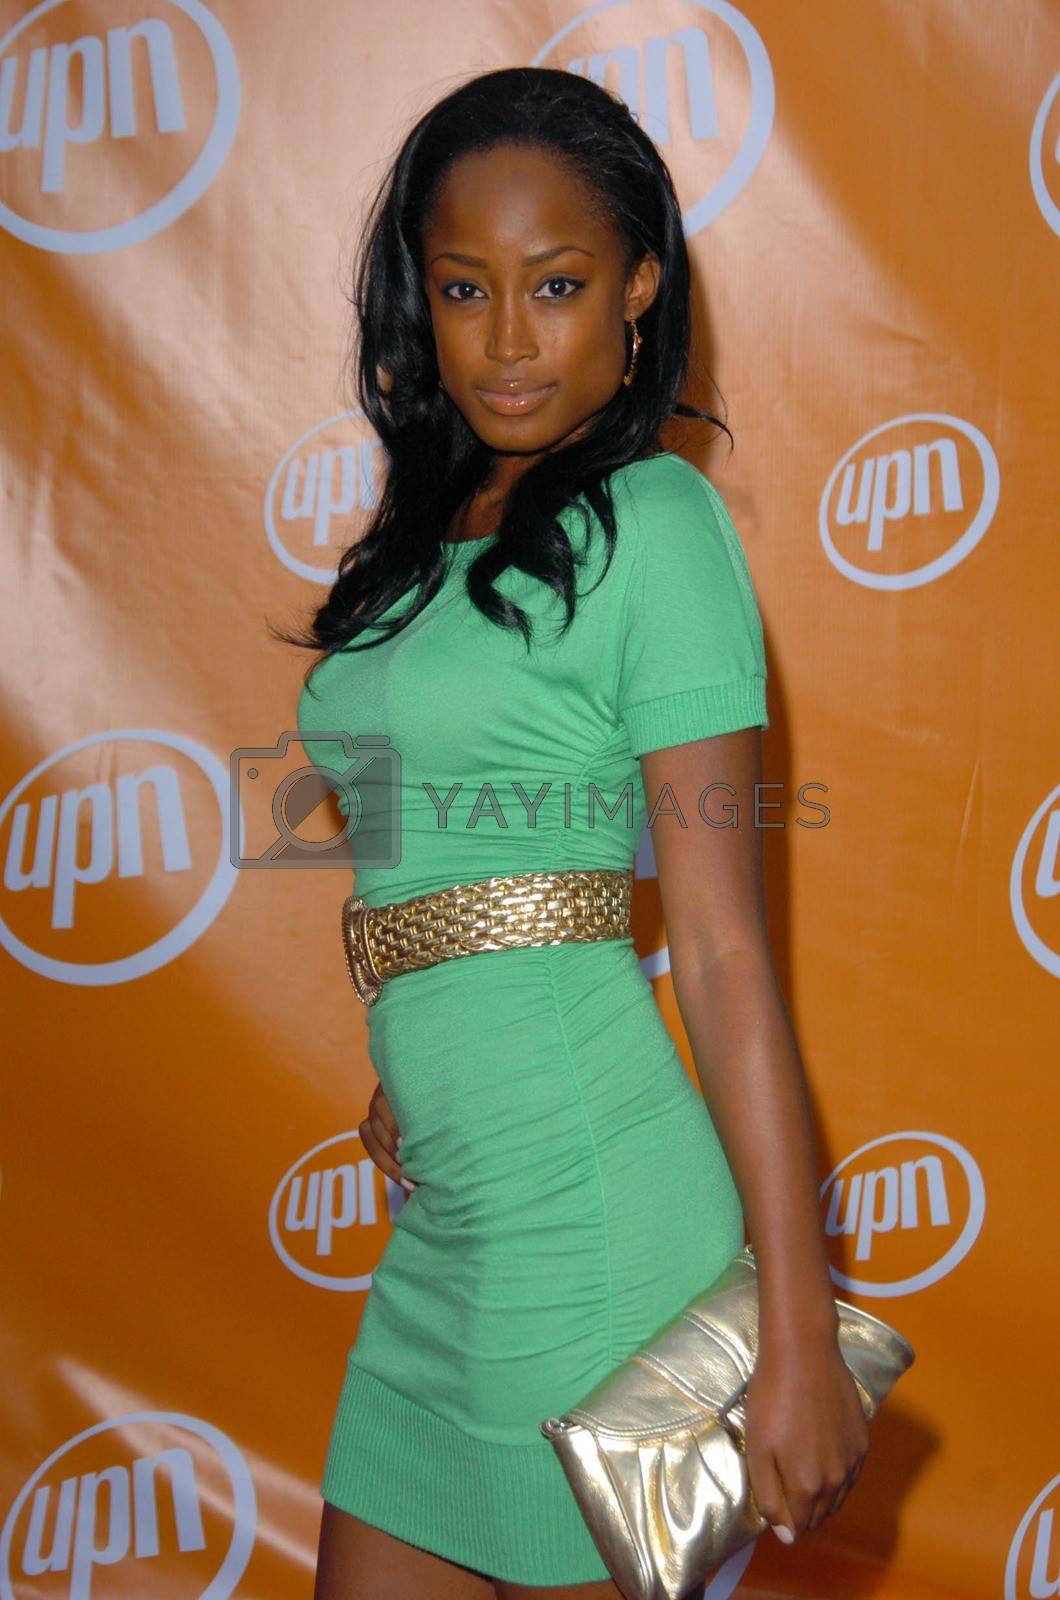 Keenyah Hill At the UPN Summer TCA Party, Paramount Studios, Hollywood, CA 07-21-05